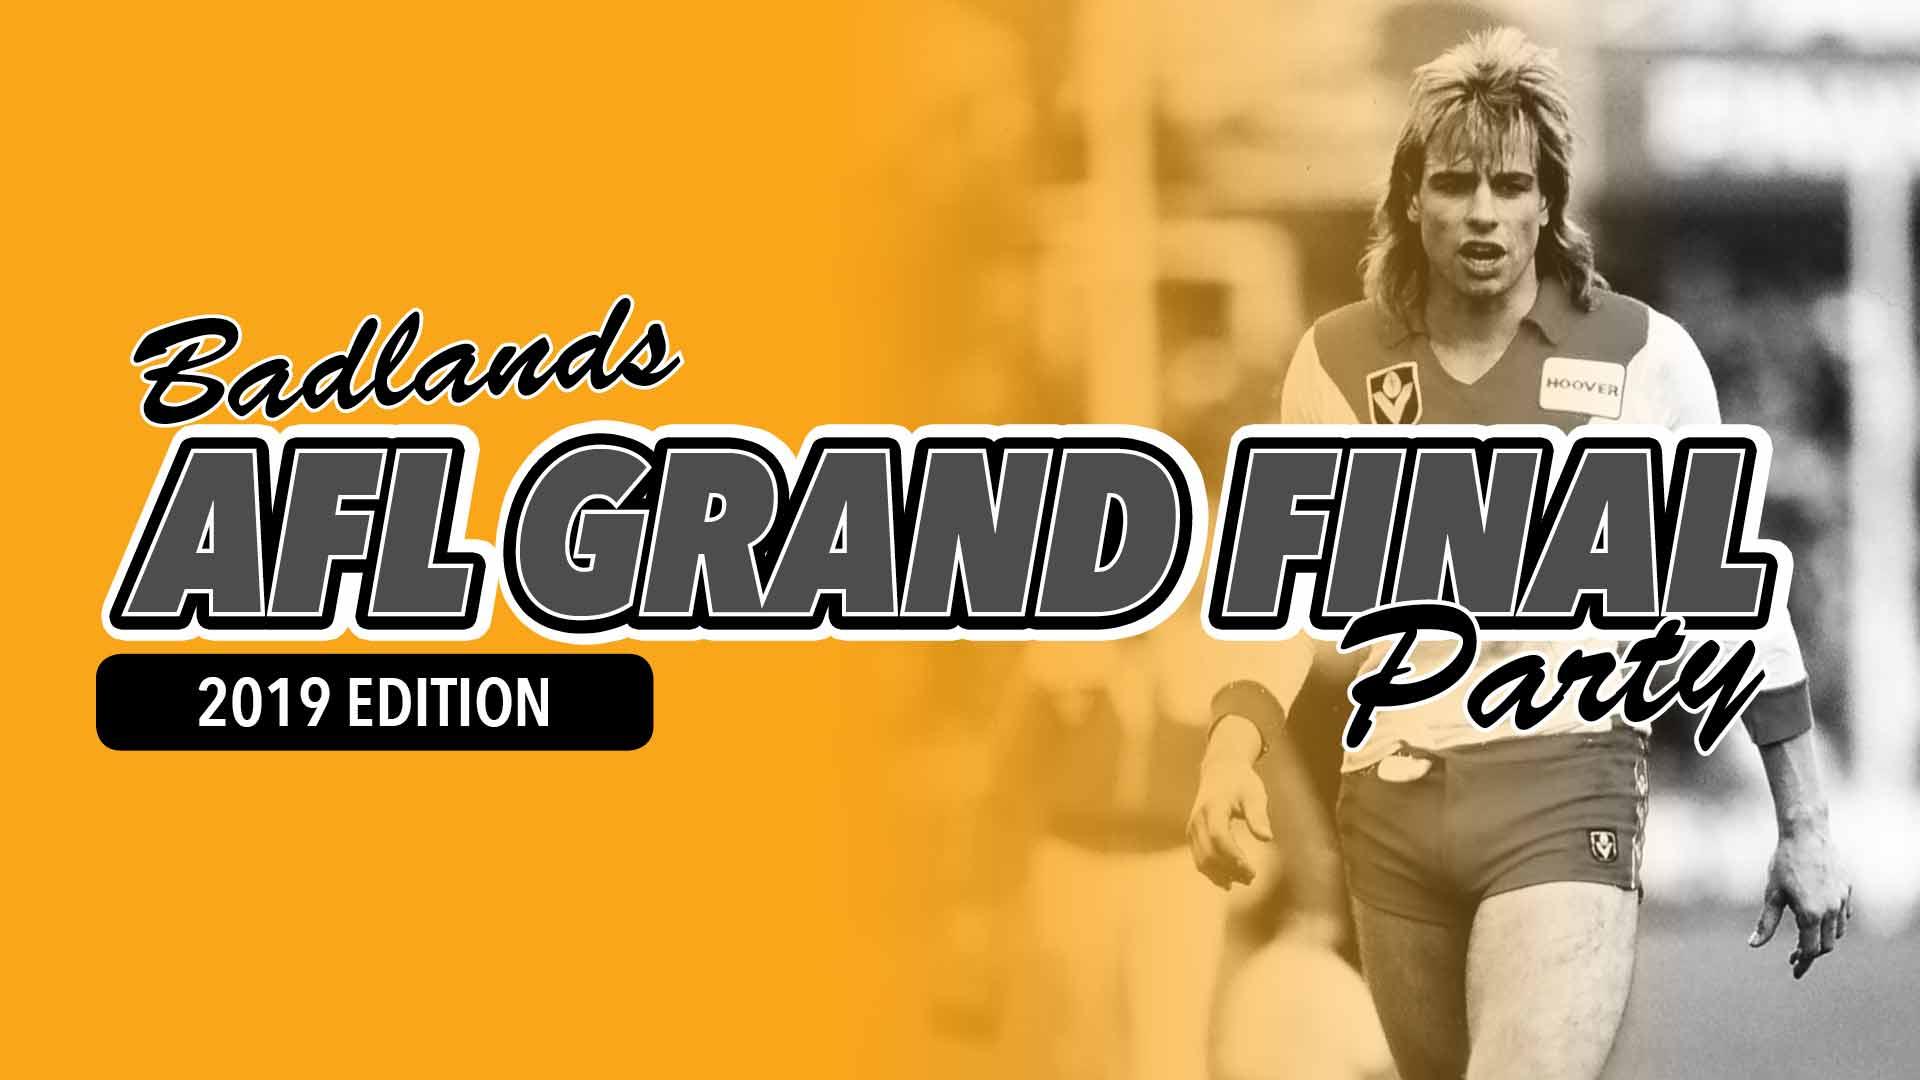 AFL Grand Final on the Badlands MEGA Screen